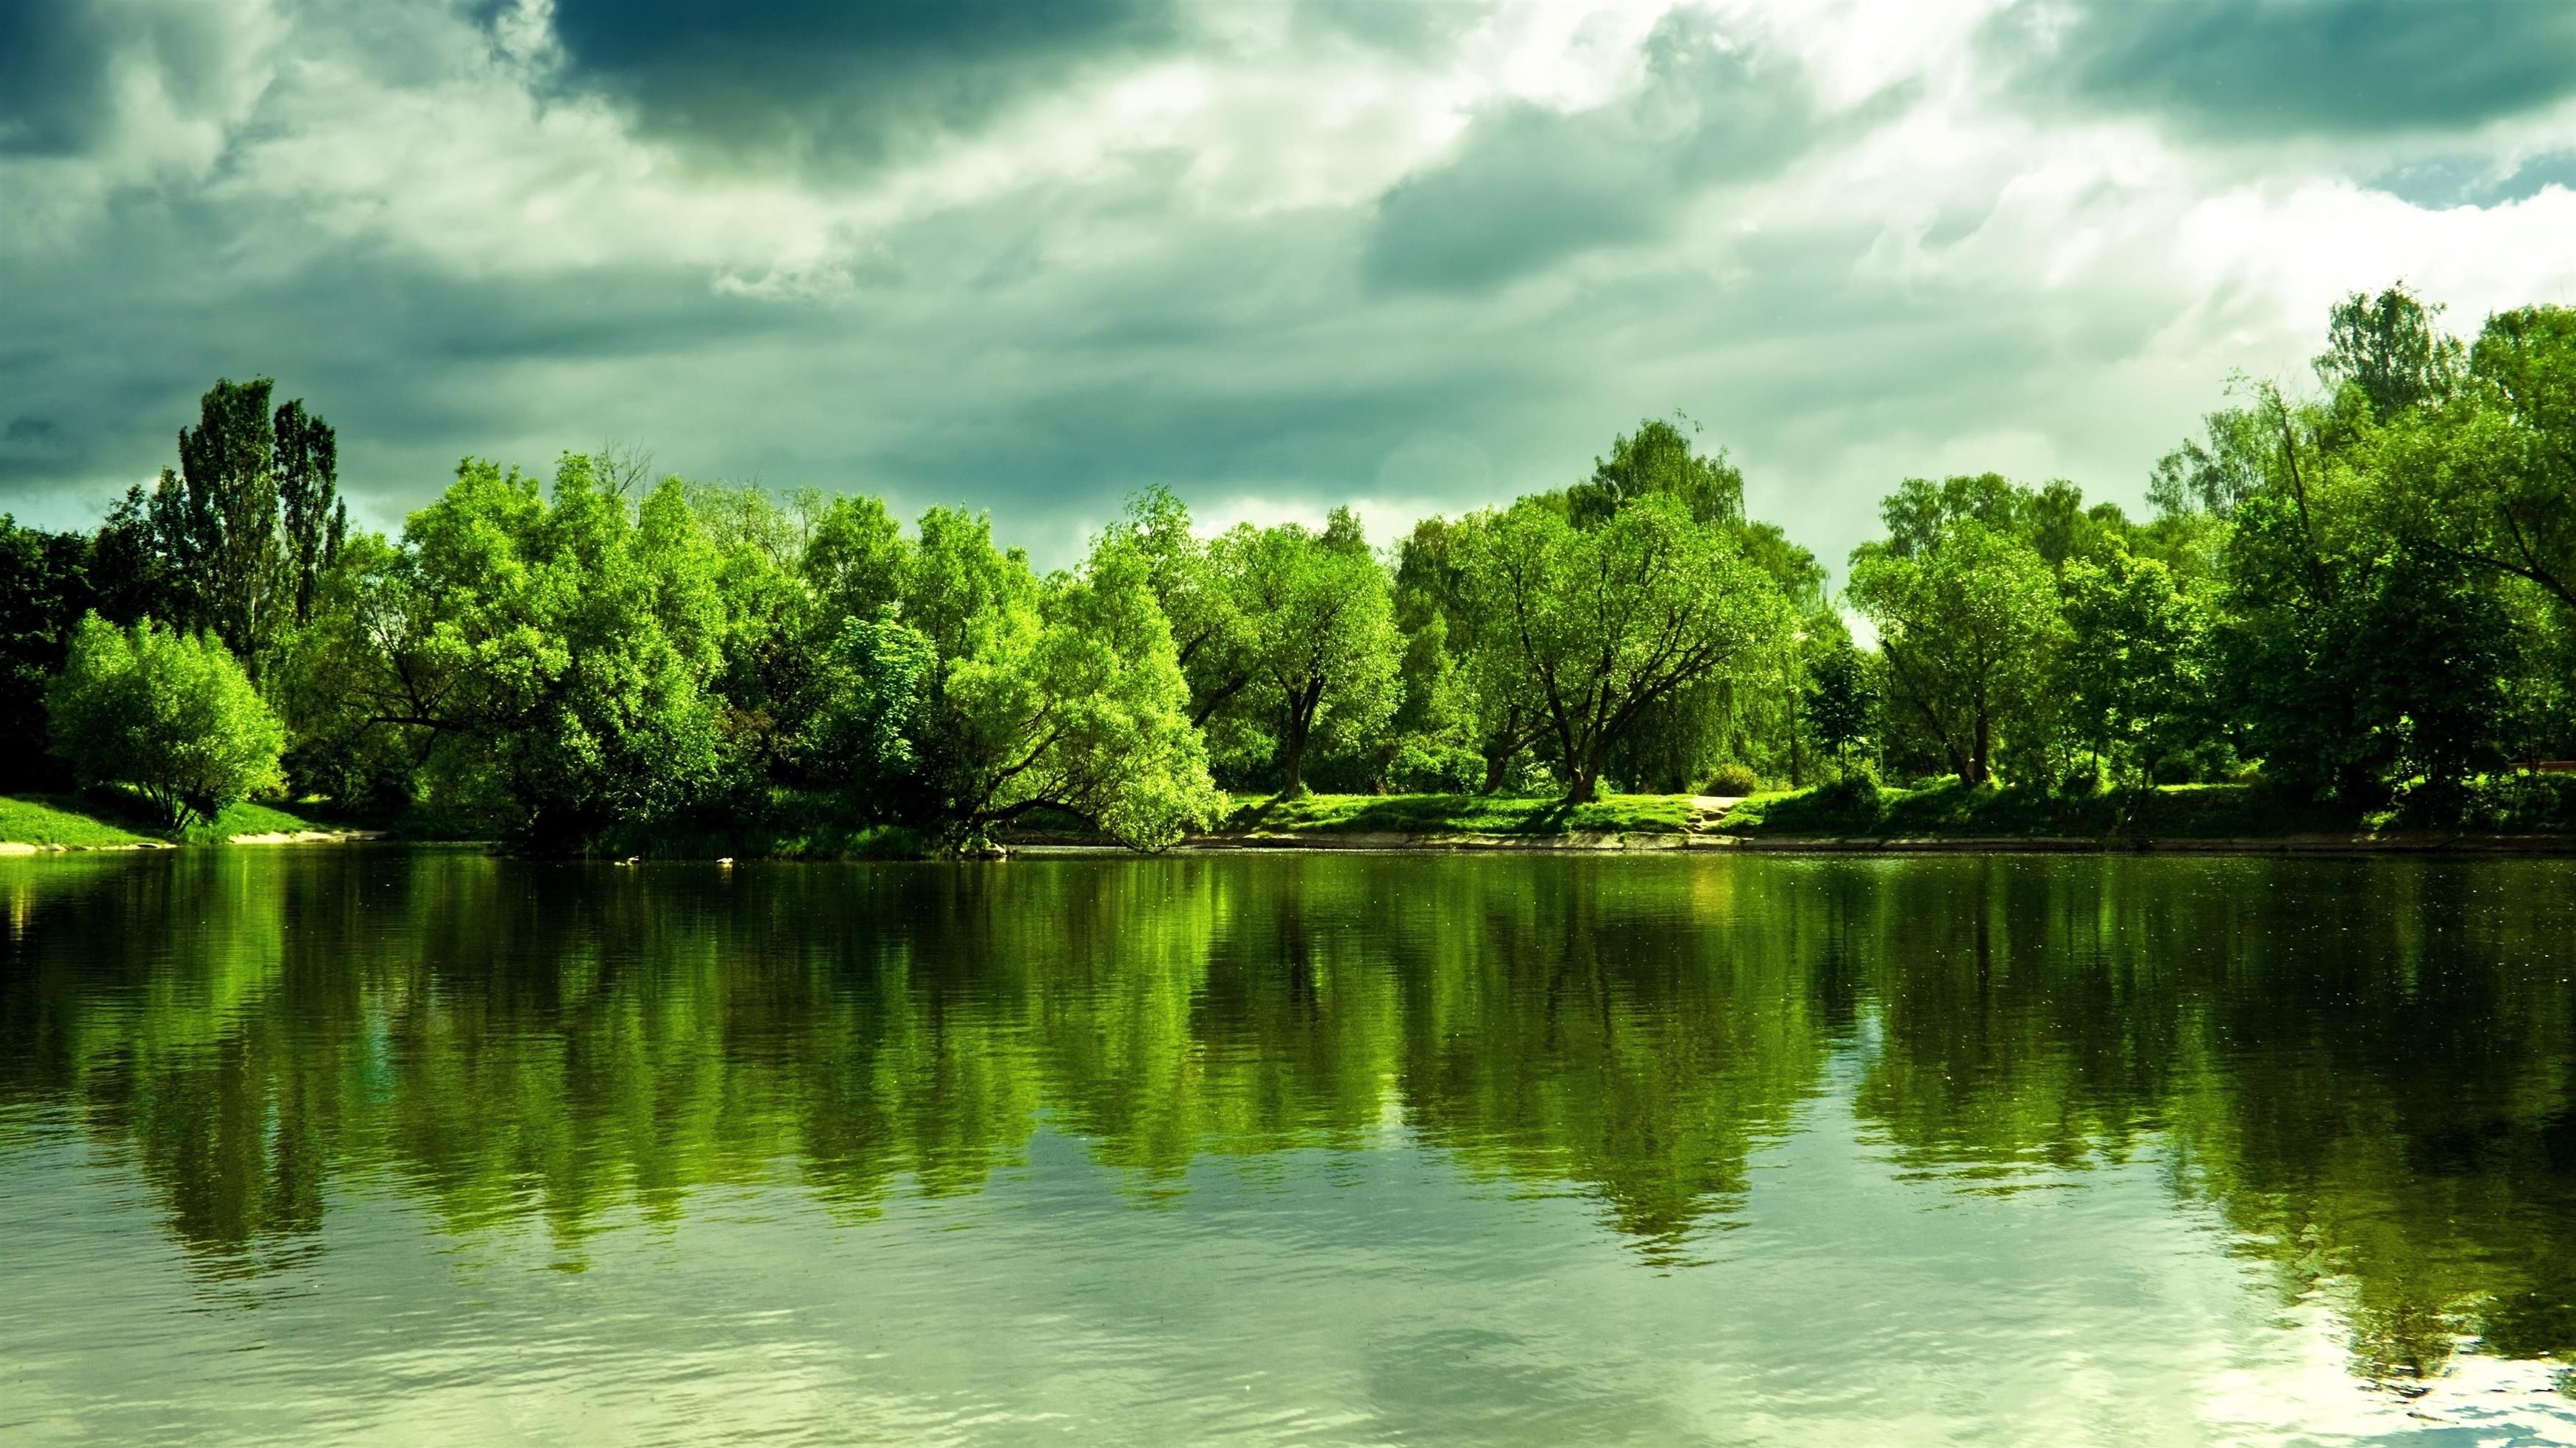 Зеленые деревья перед озером с пасмурной в дневное время природой обои скачать